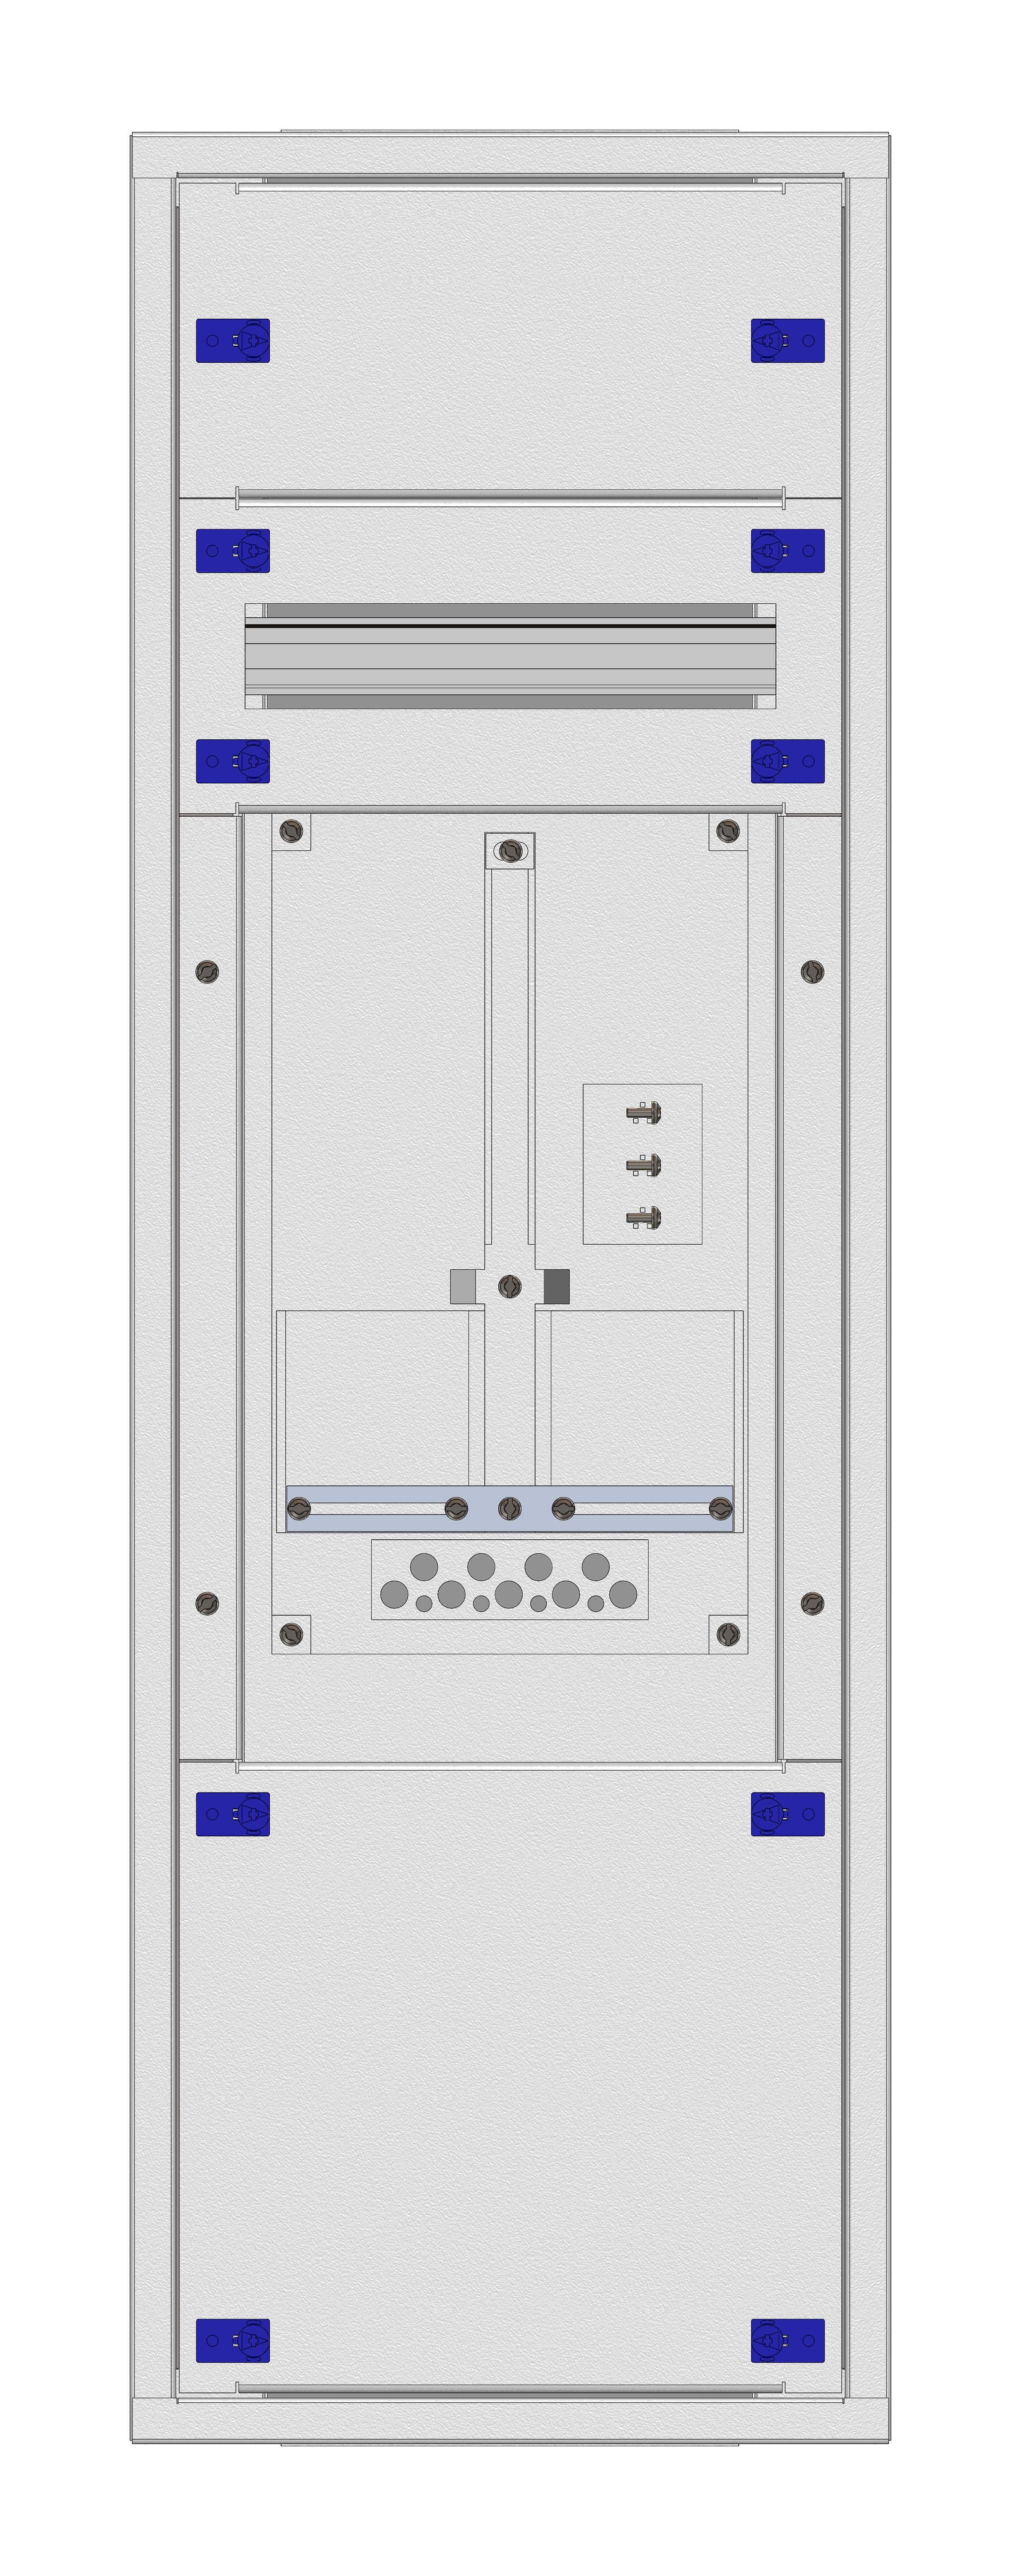 1 Stk Aufputz-Zählerverteiler 1A-21F/KTN 1ZP, H1055B380T250mm IL160121KK